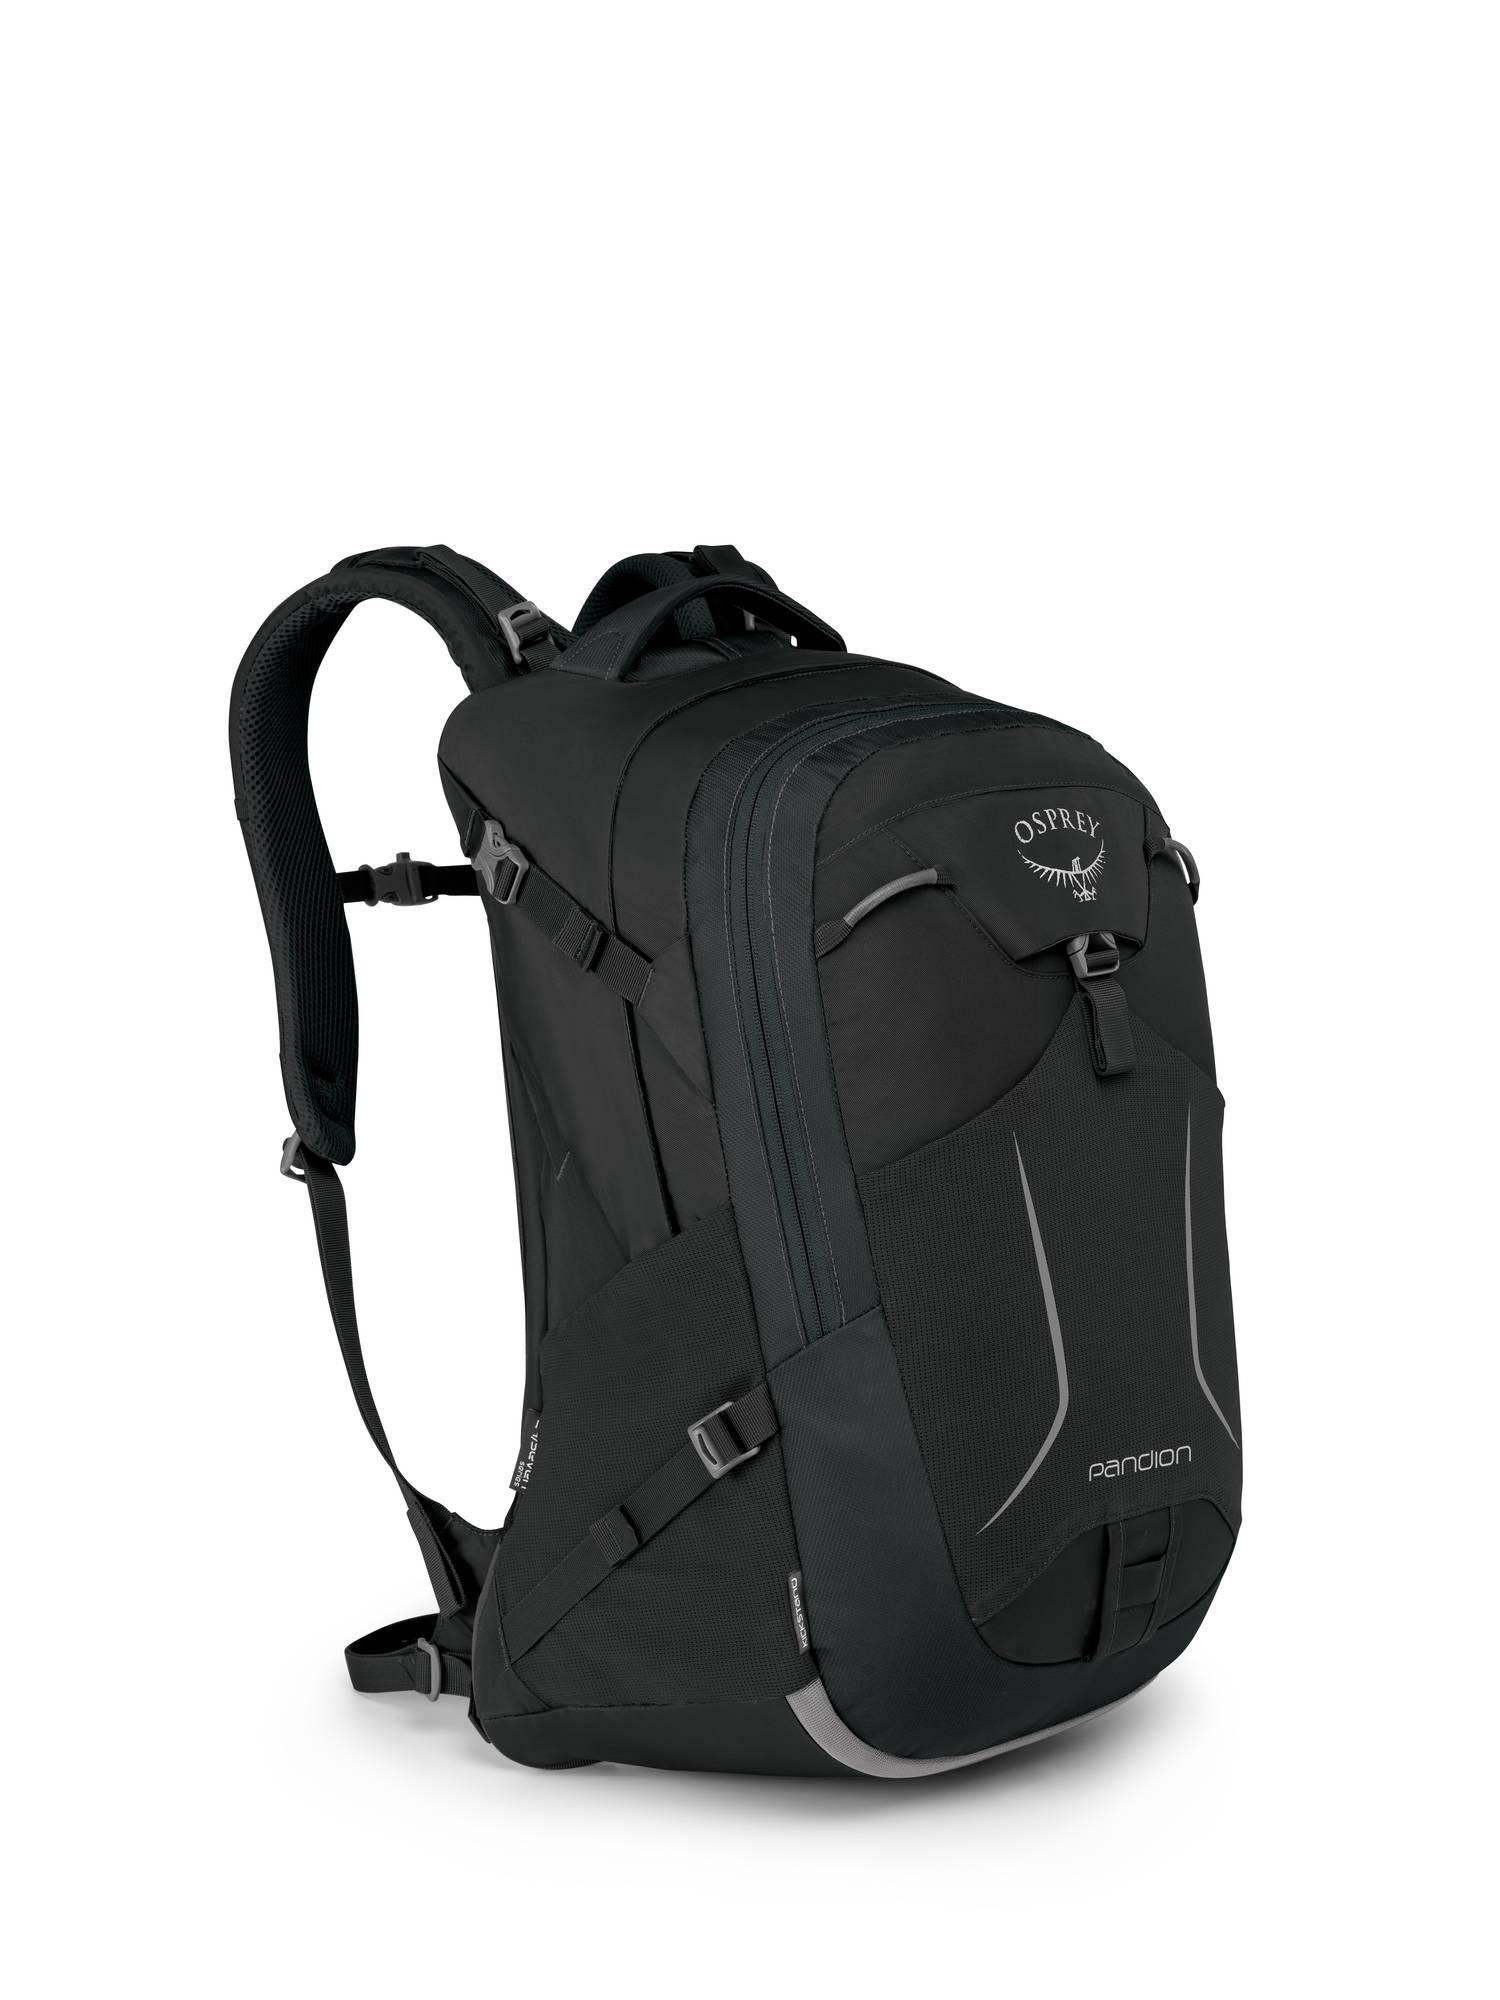 Городские рюкзаки Рюкзак городской Osprey Pandion 28 Black Pandion_F17_Side_Black_web.jpg